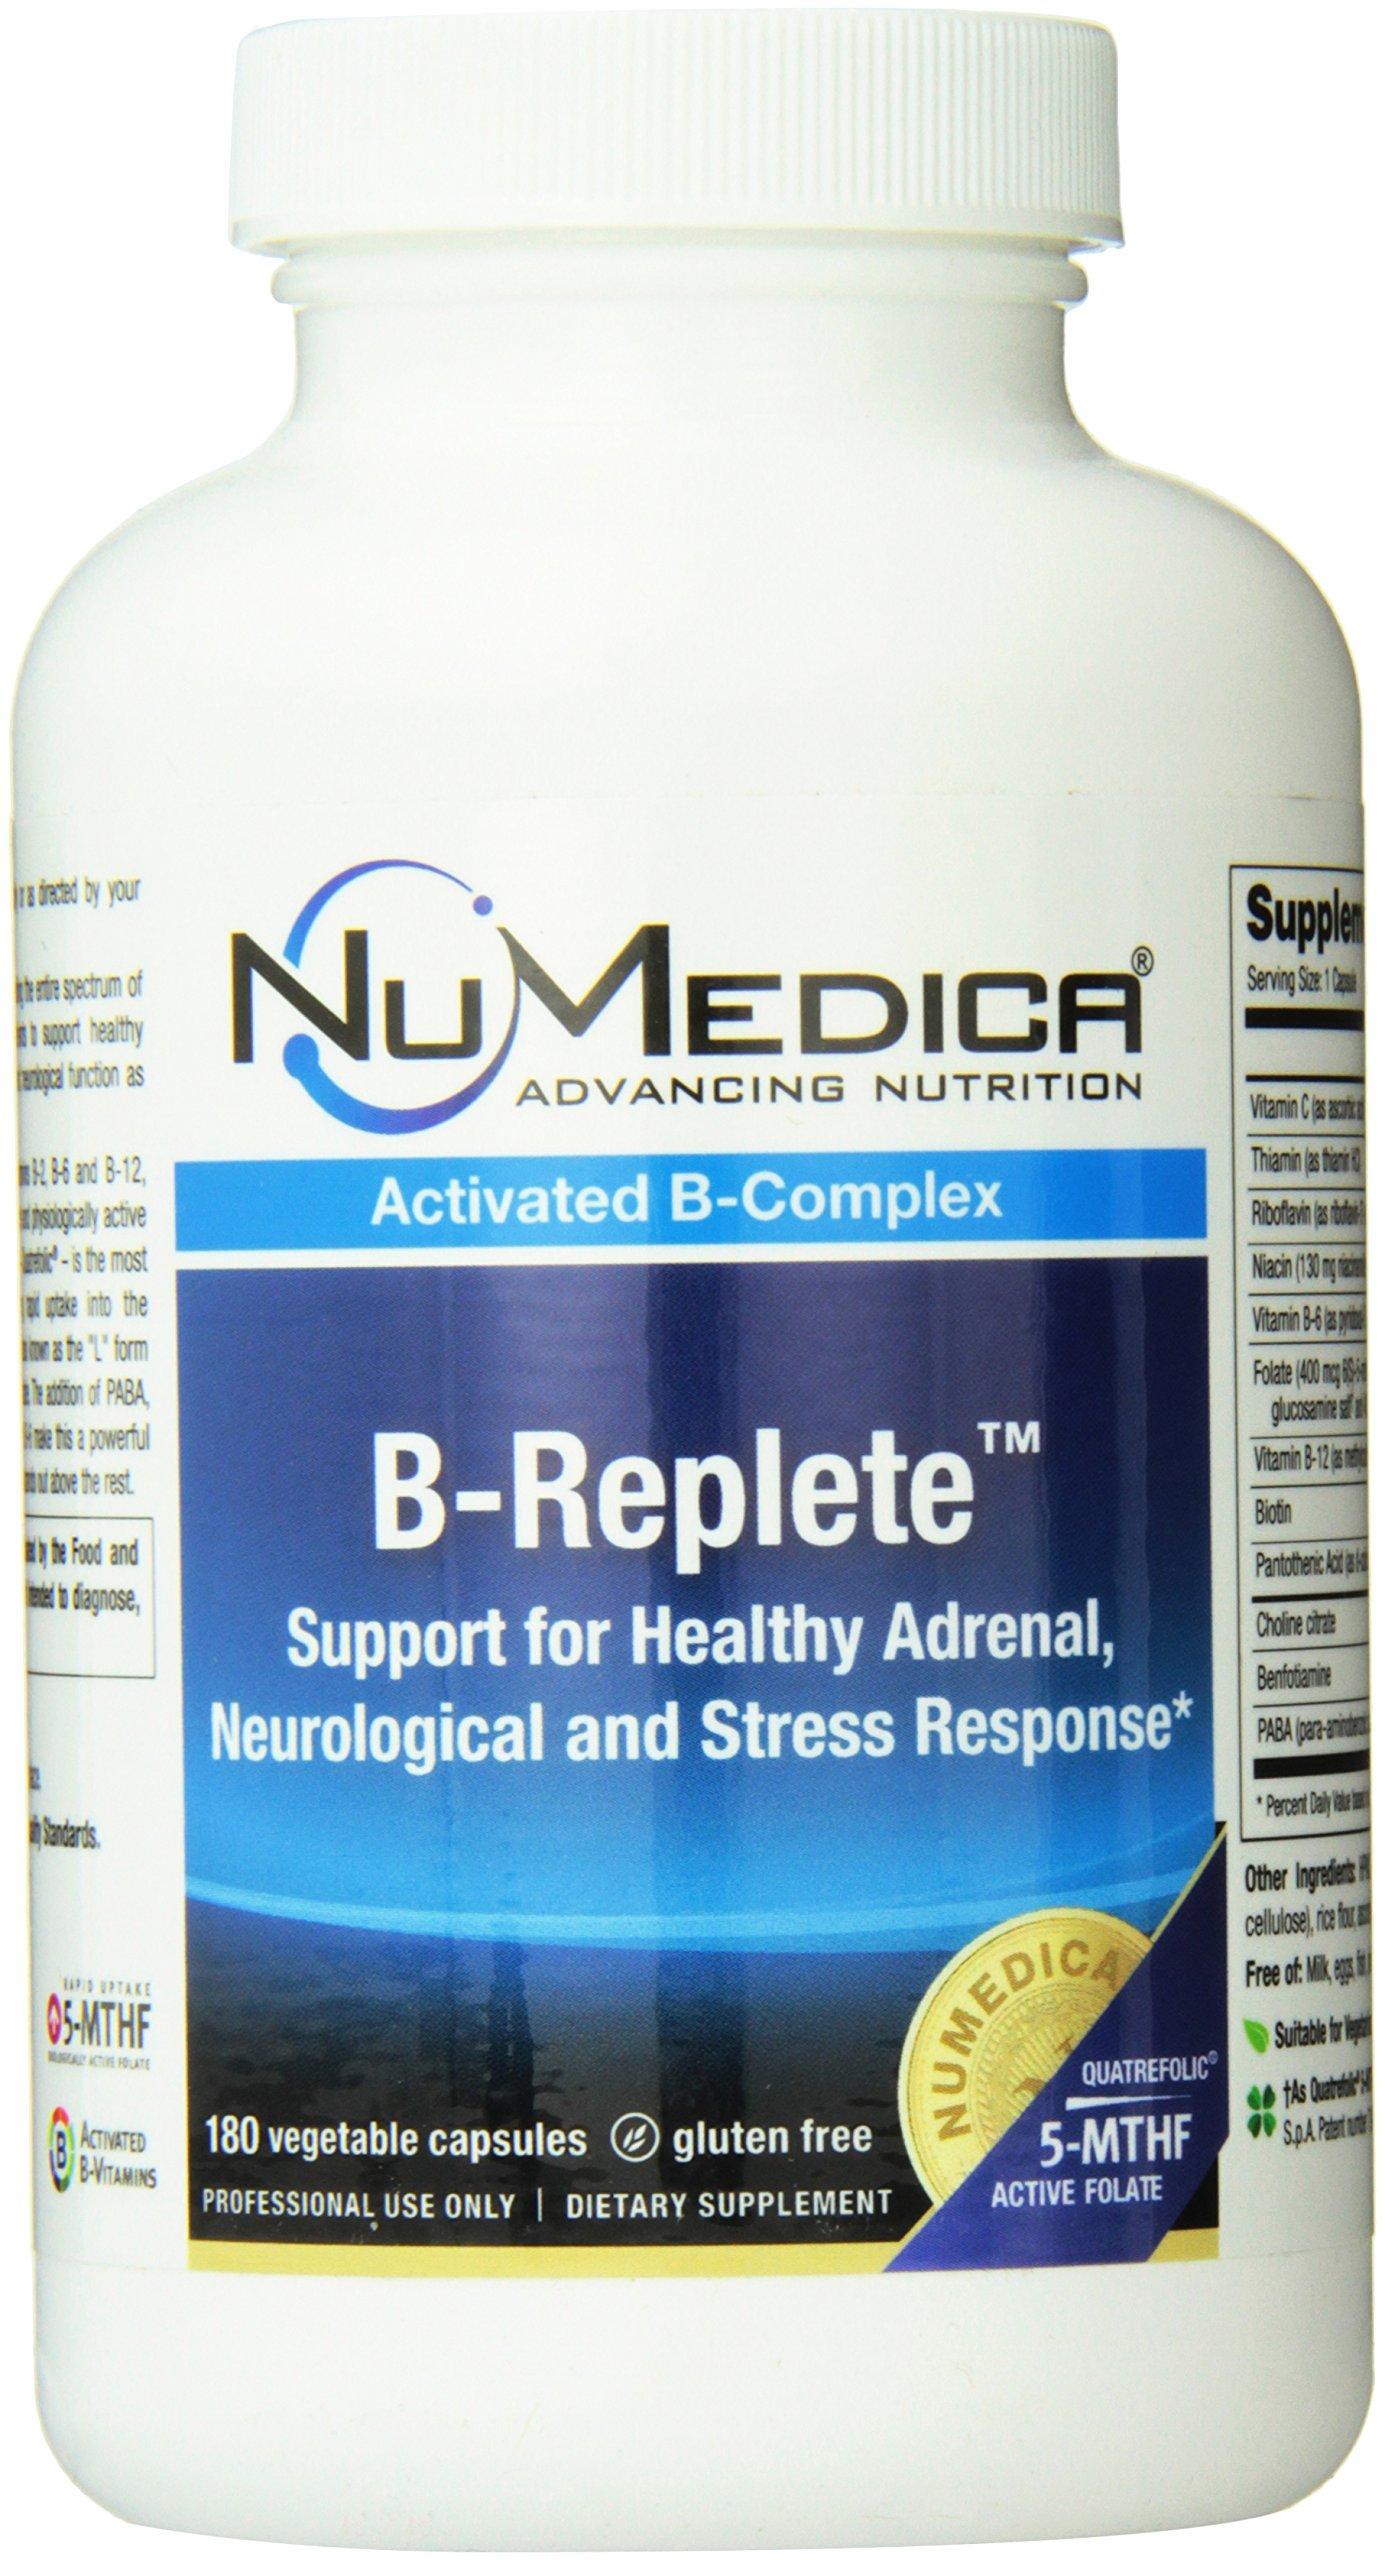 NuMedica B-Replete Supplement 180 Vegetable Capsules